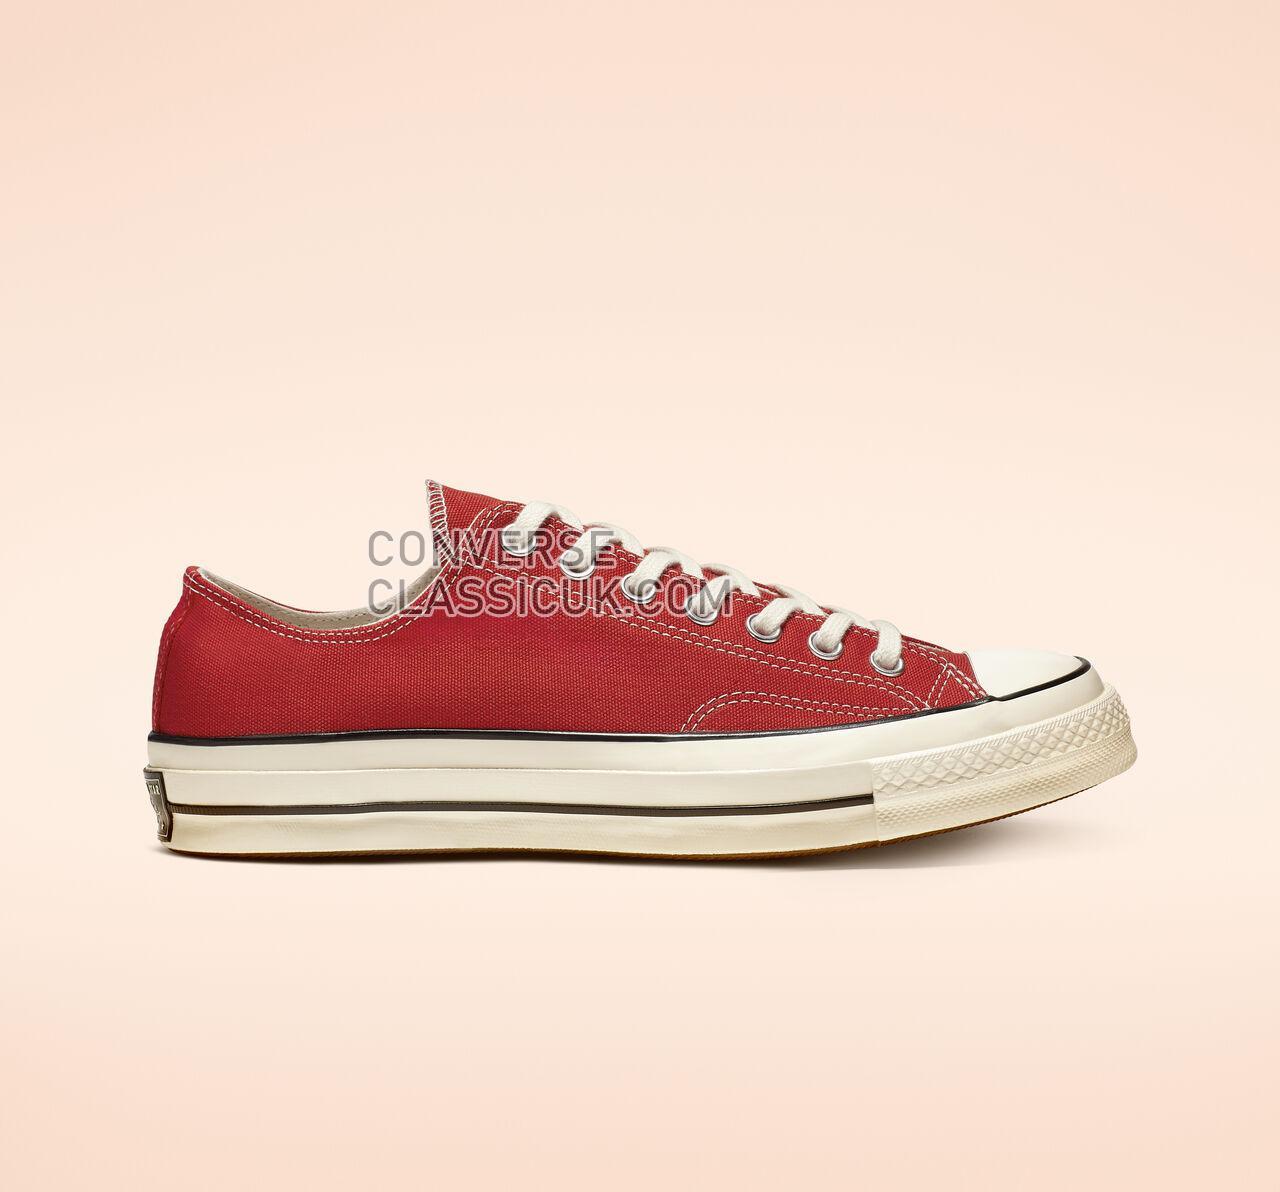 Converse Chuck 70 Low Top Mens Womens Unisex 164949C Enamel Red/Egret/Black Shoes